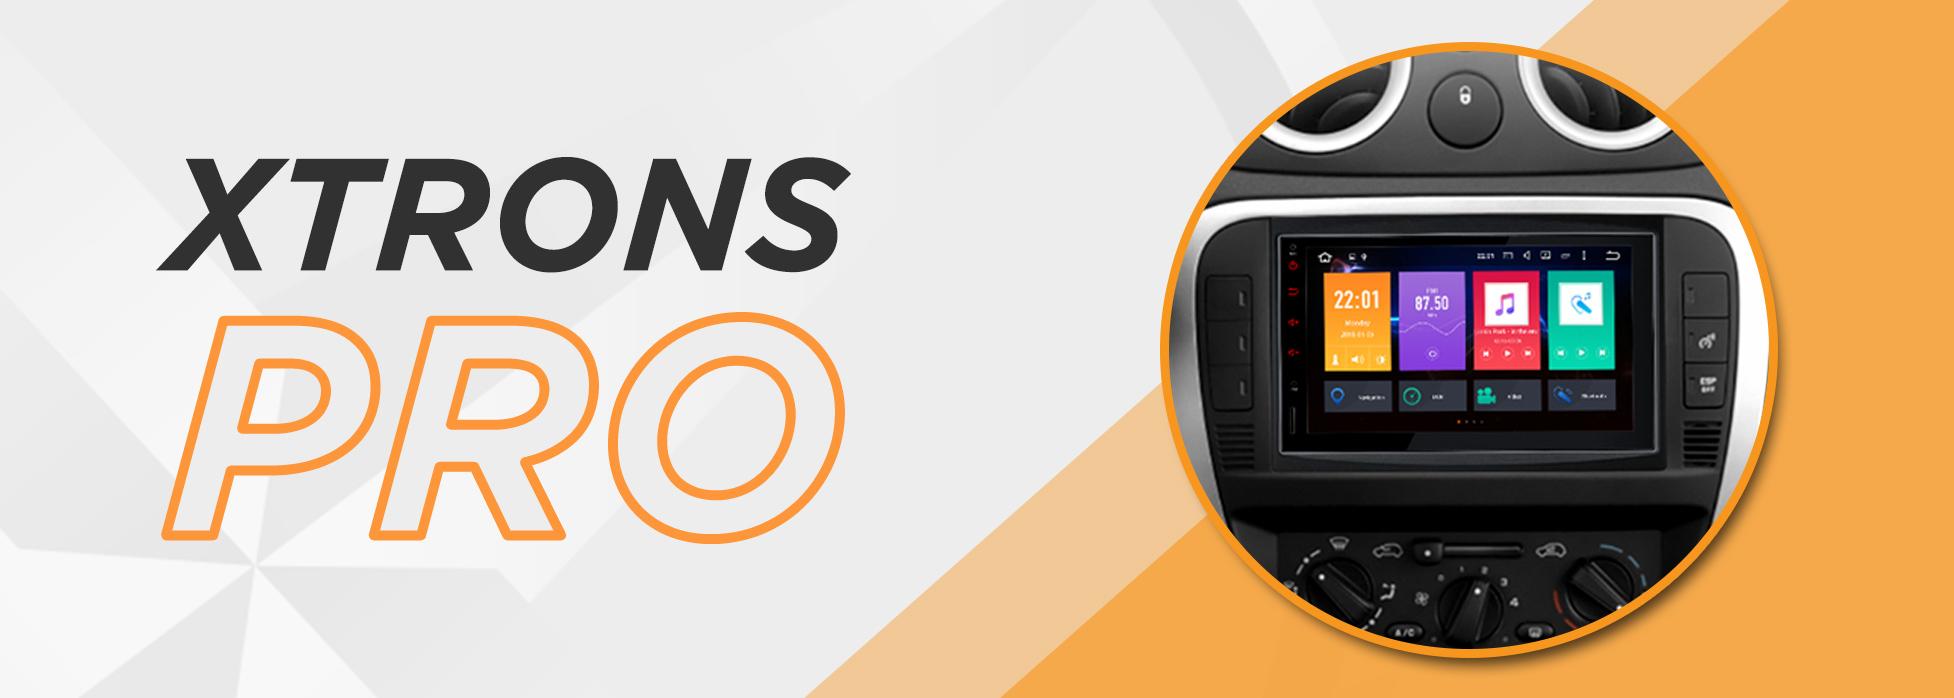 Xtrons-pro-Blog-Banner